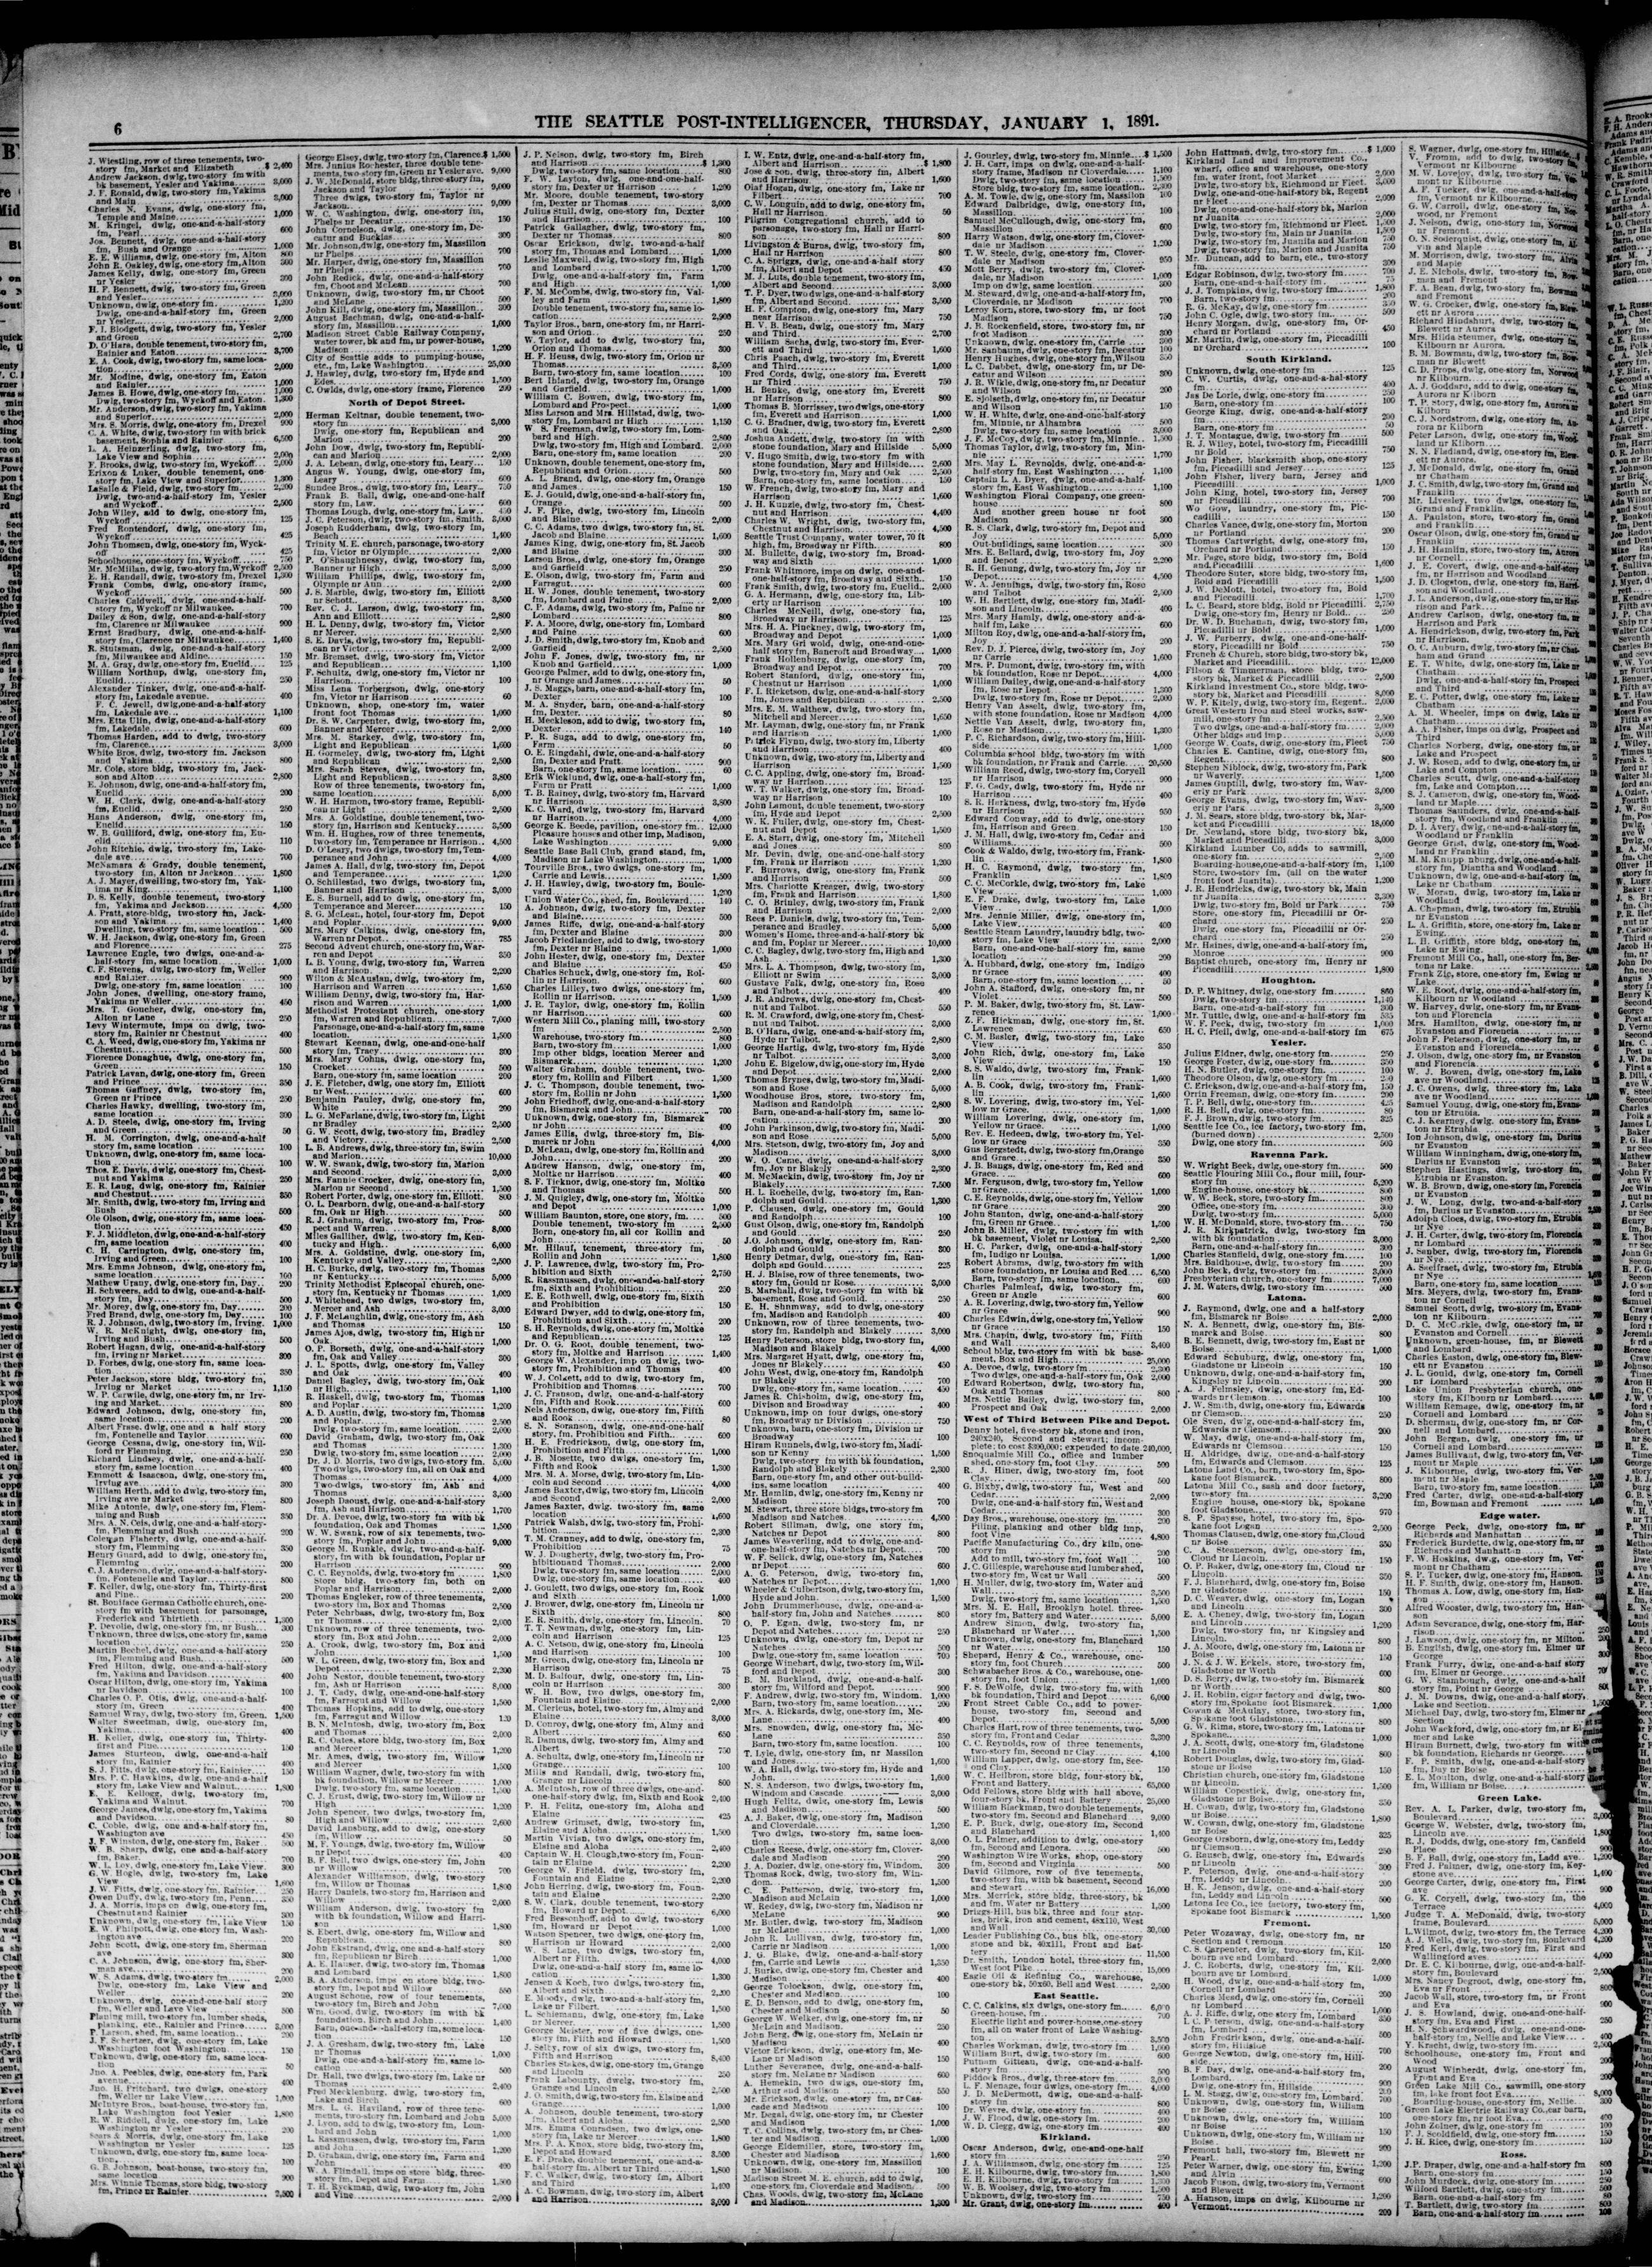 1890_Seattle_Buildings_1-page-001.jpg